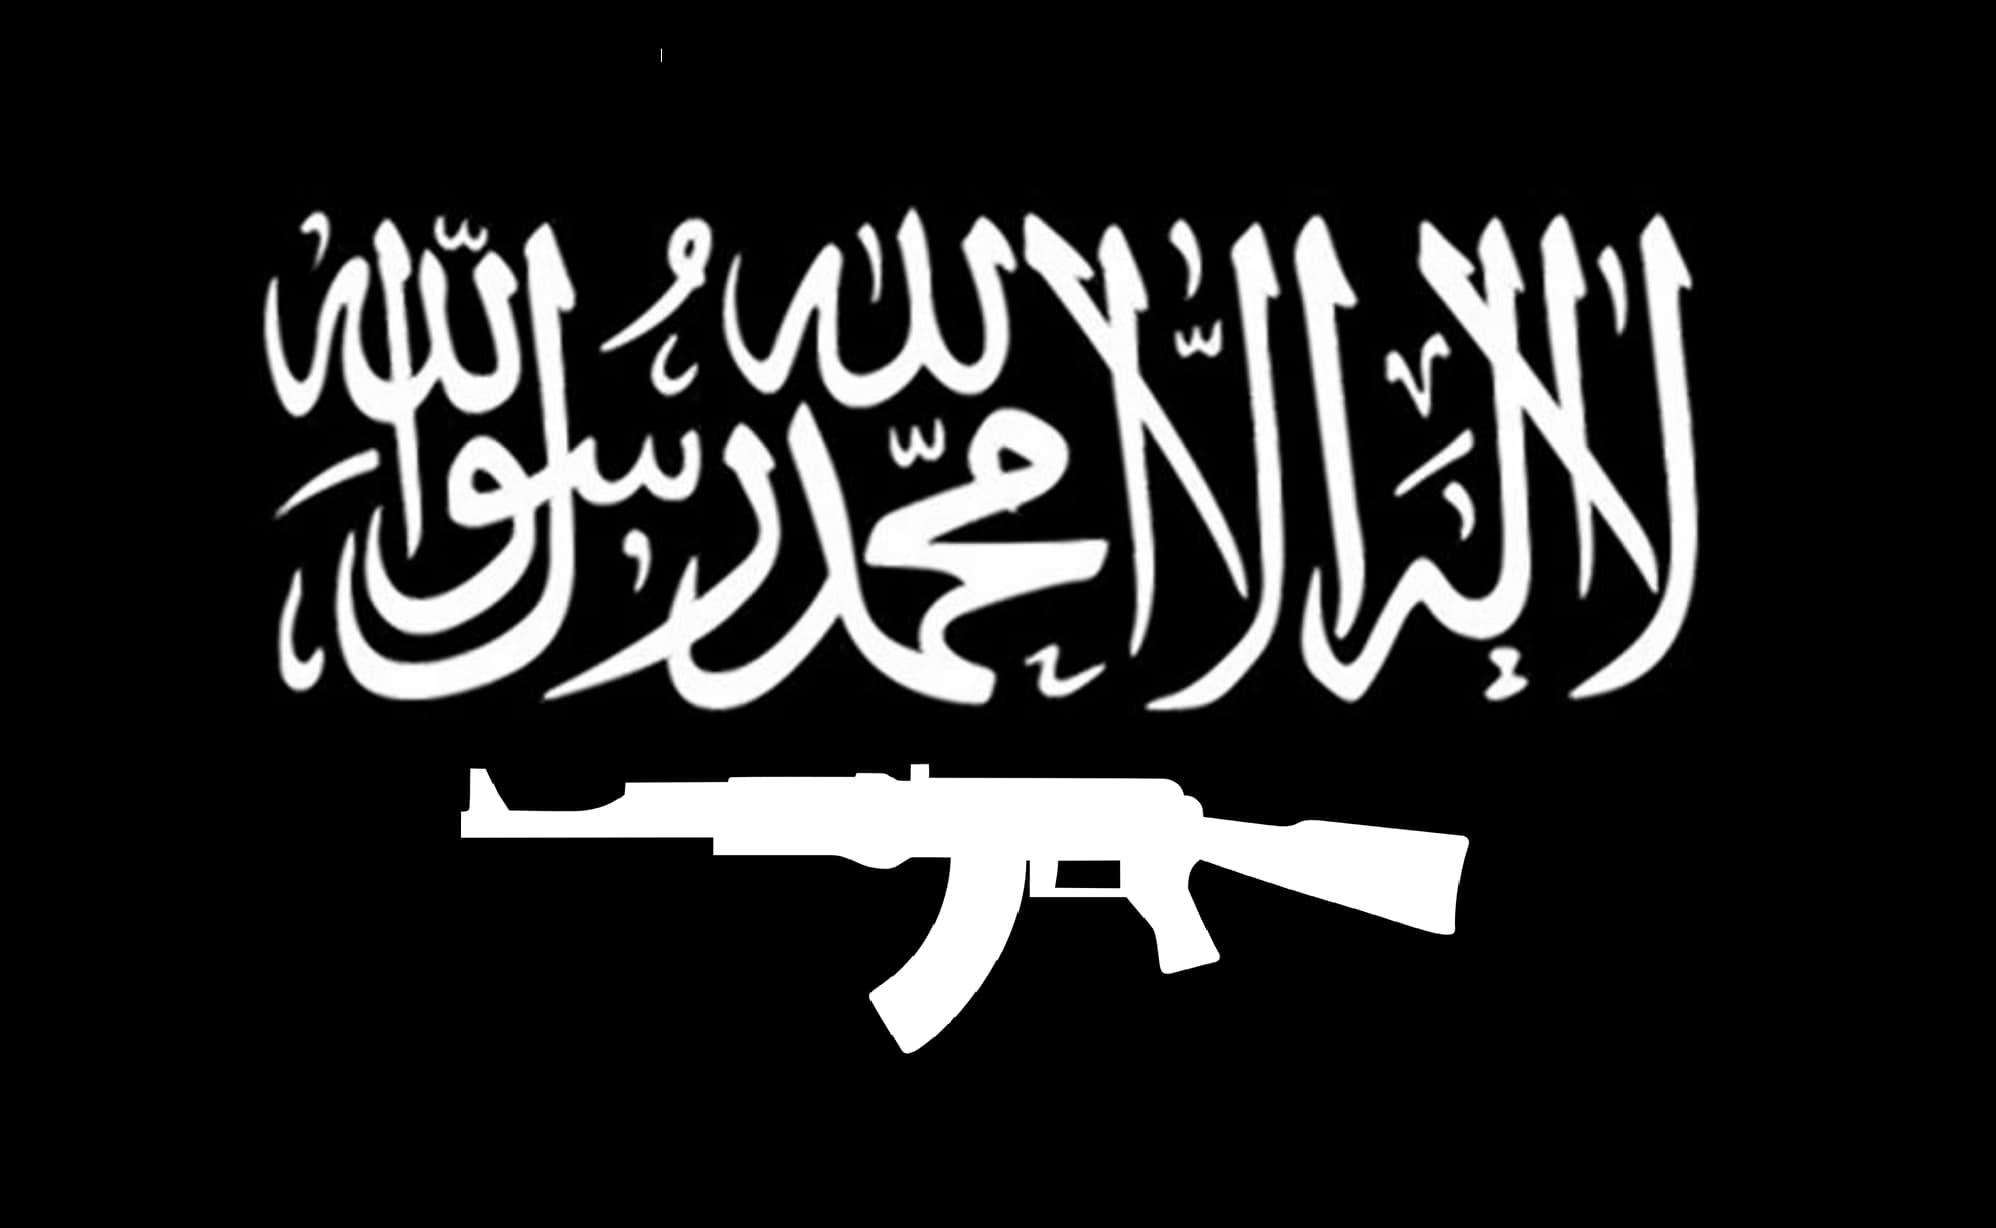 Ansar_Ghazwat-ul-Hind_Flag